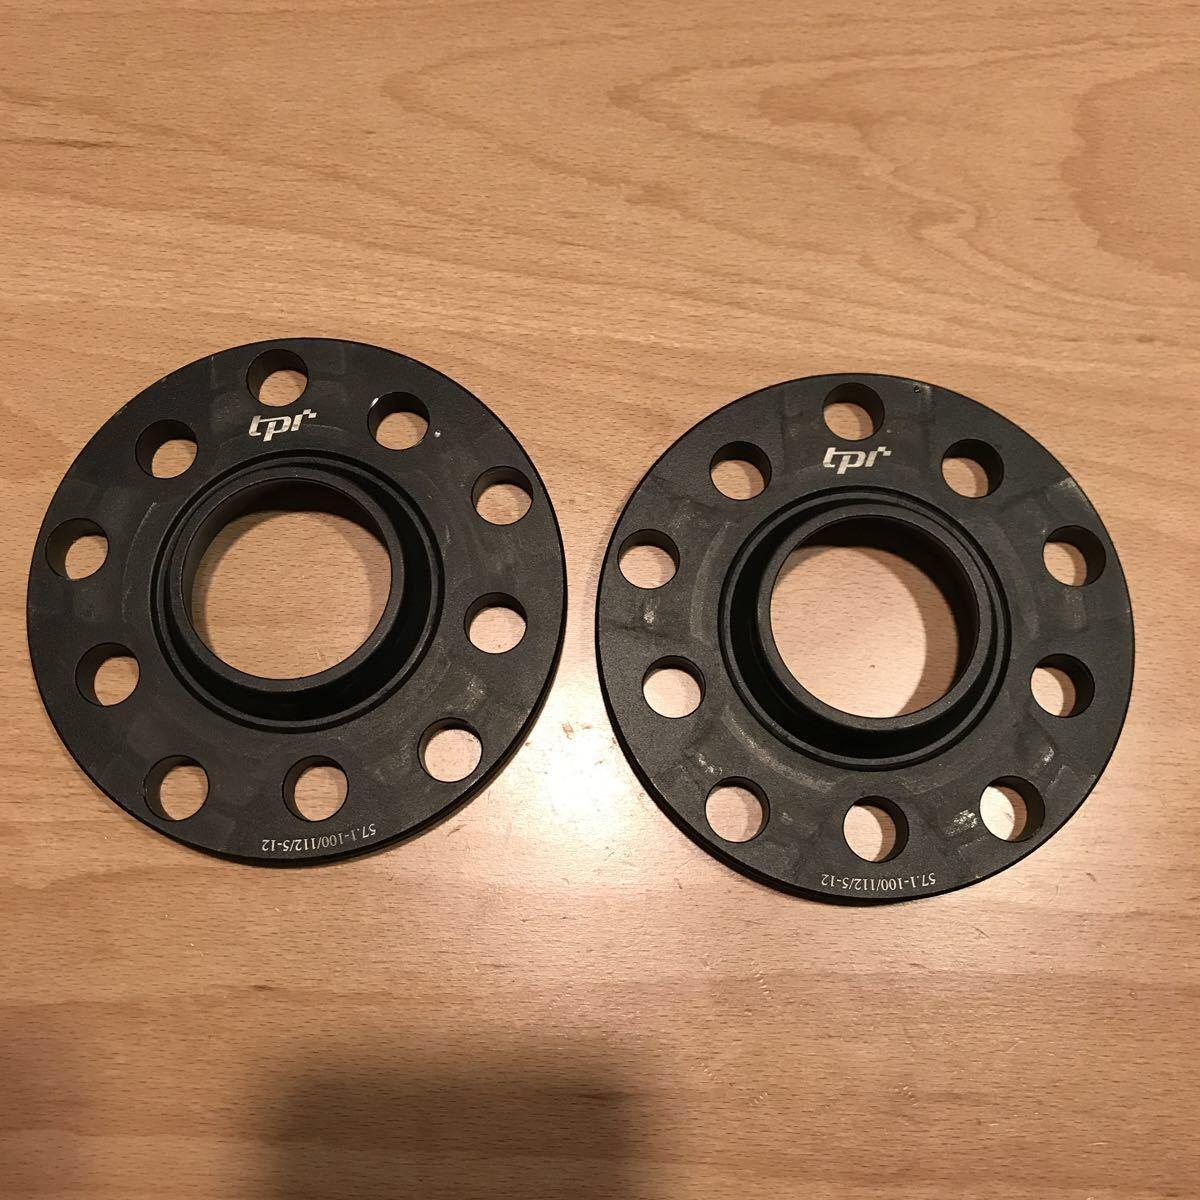 vw Audiワーゲンアウディtpi スペーサー 5h-112 12mm シュラウベボルトセット13R 14×1.5 40mm 10本セット57.1mm 純正 ゴルフ トゥーラン